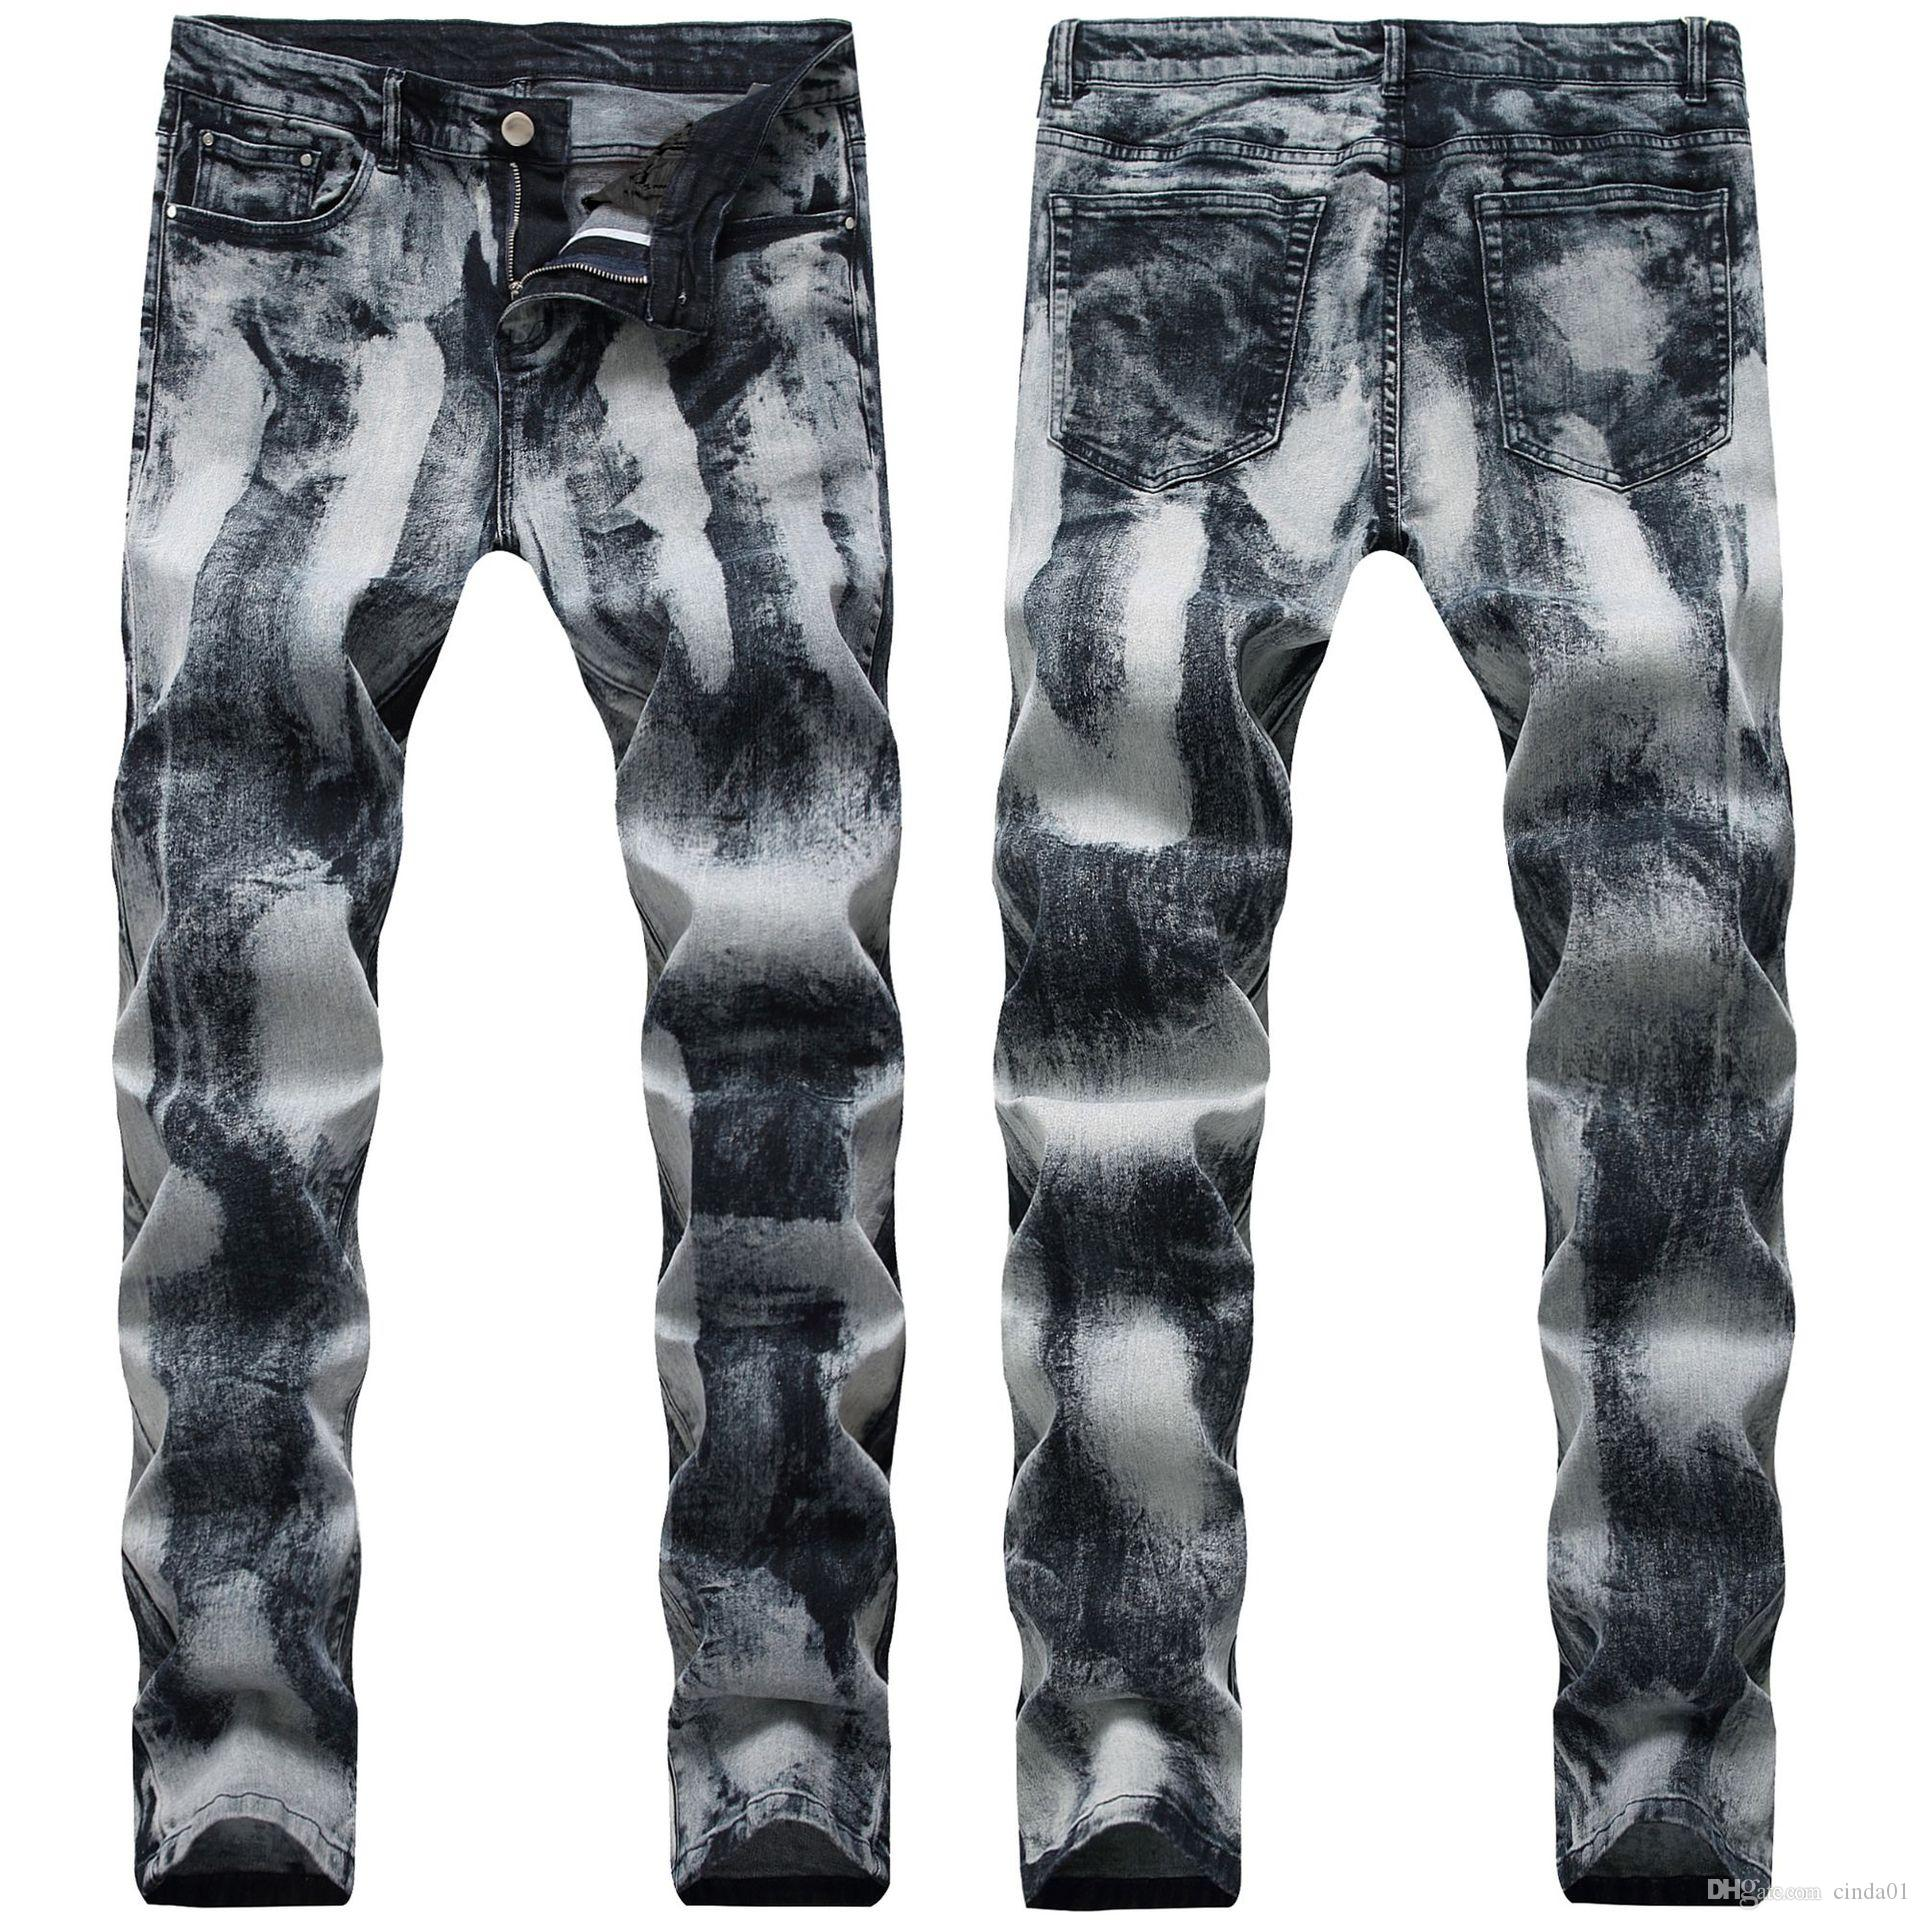 21 Styles Jeans Mens Dobre Calças da motocicleta Hetero Slim Fit Europa e América rasgado Buraco Lavados Moda Calças Calças Lápis de rua